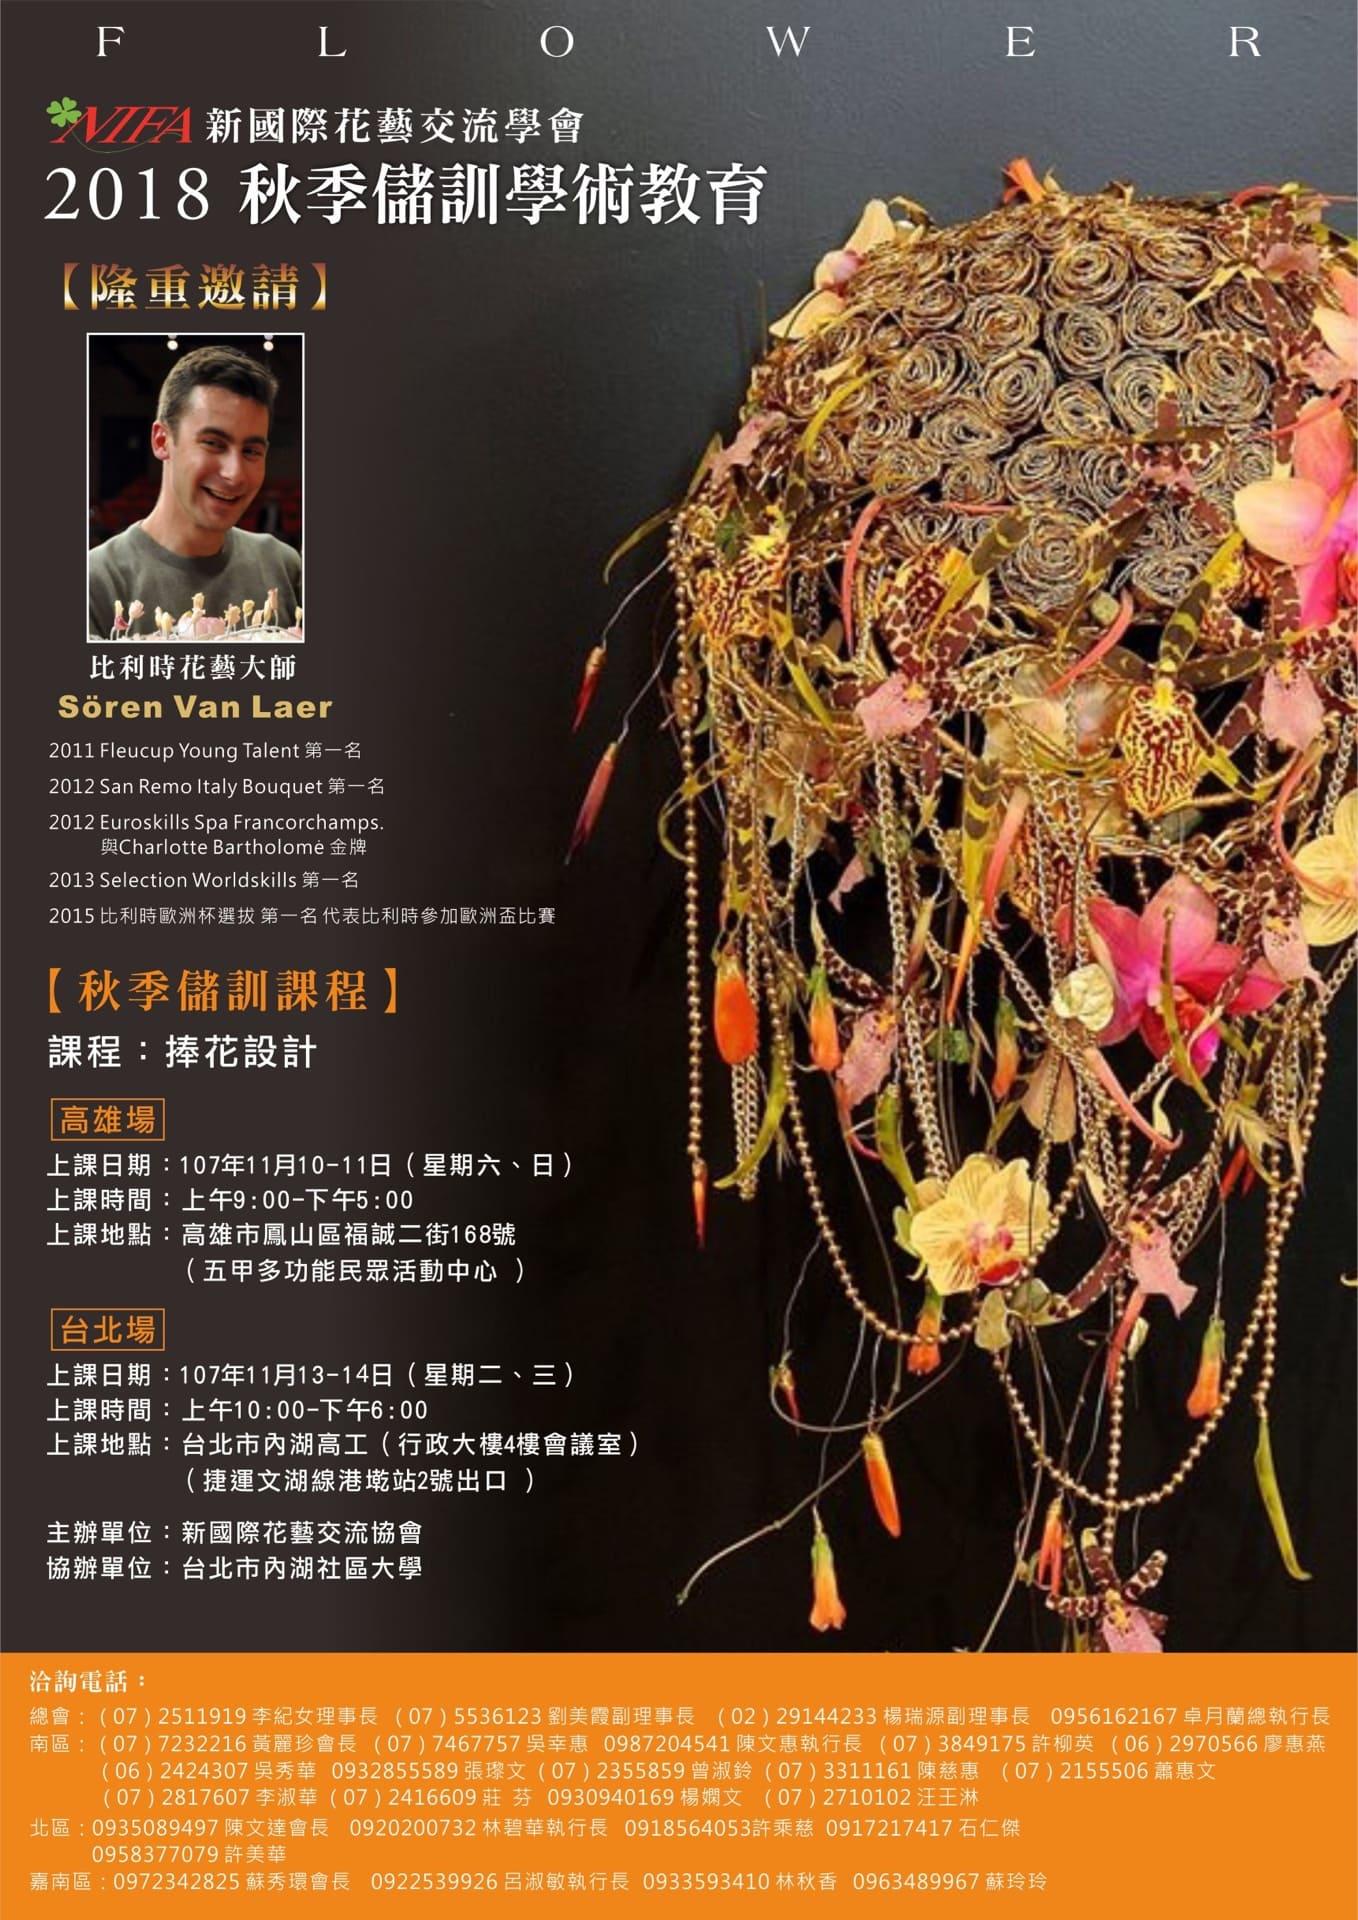 新國際花藝交流學會 2018秋季儲訓學術教育